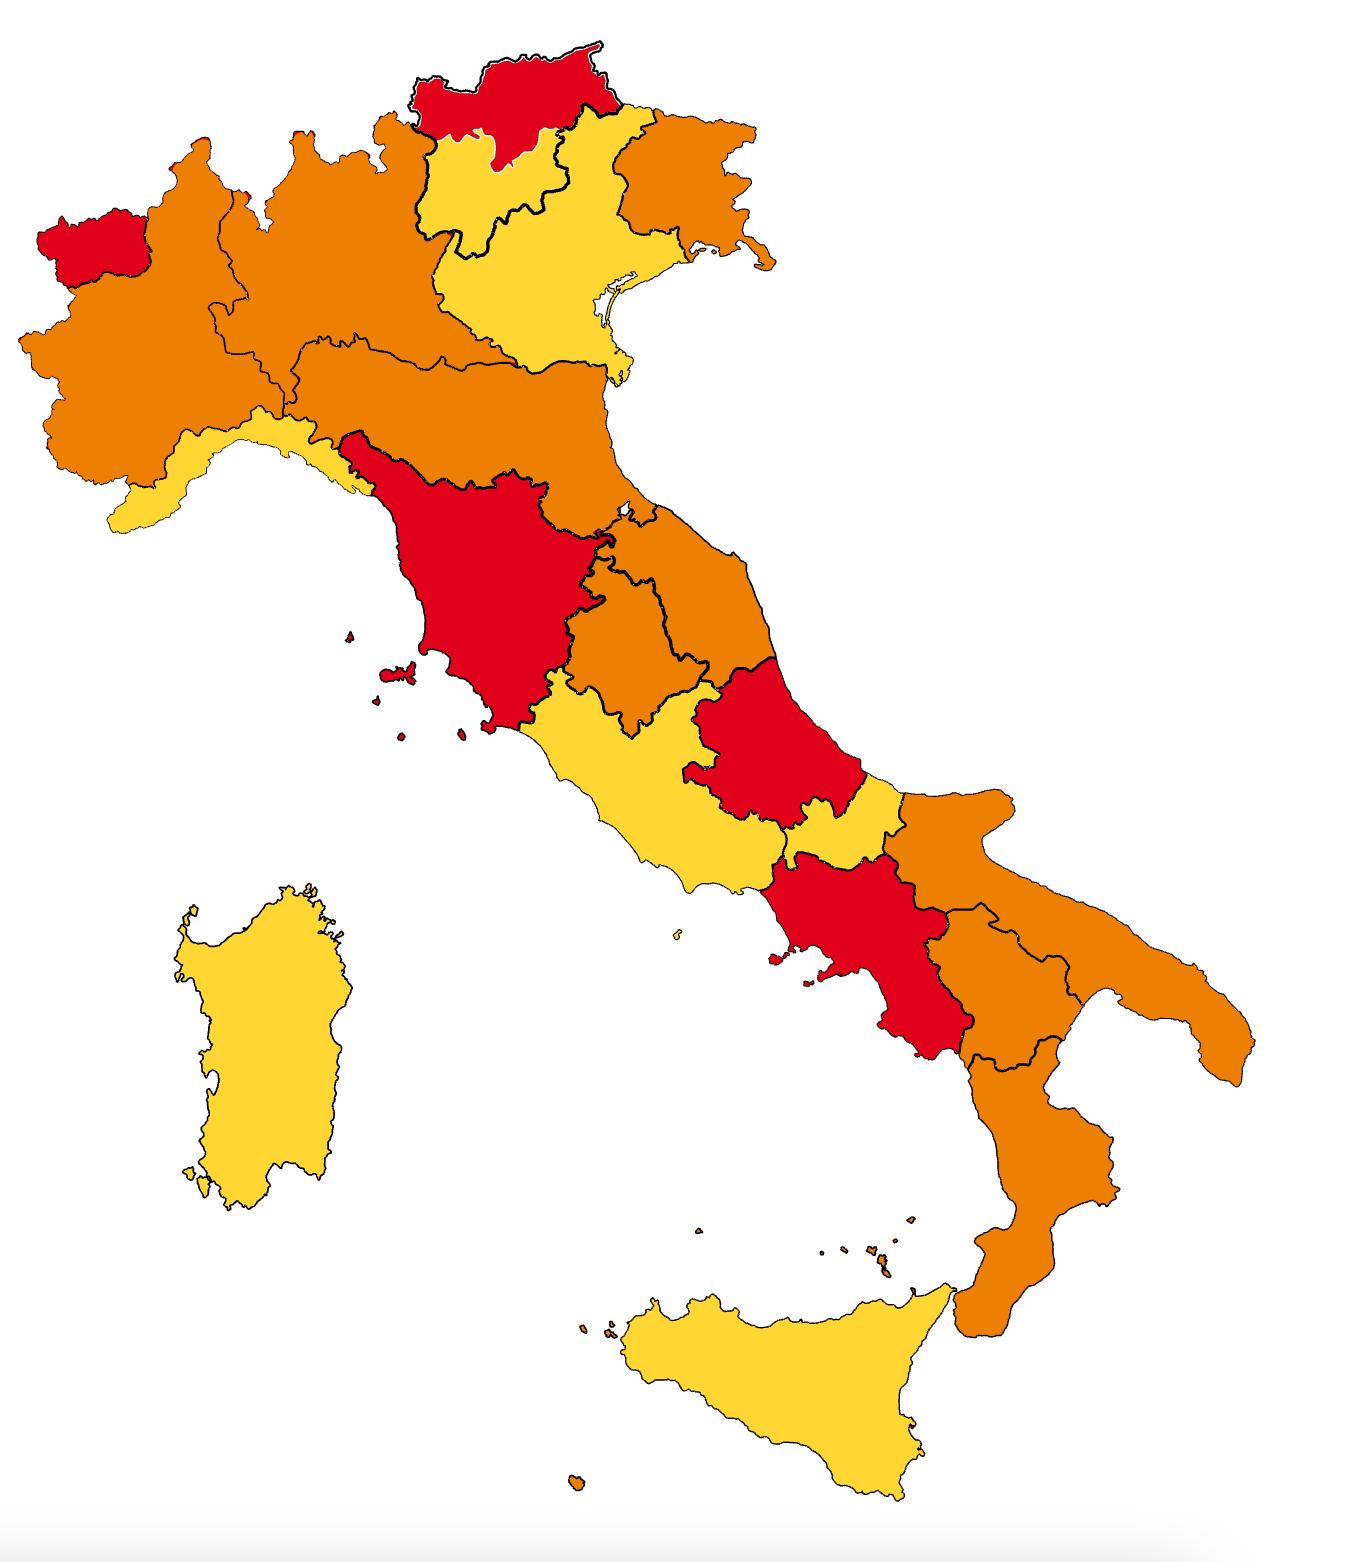 Coronavirus Lombardia Calabria E Piemonte Passano A Zona Arancione Liguria E Sicilia Diventano Gialle Tgcom24